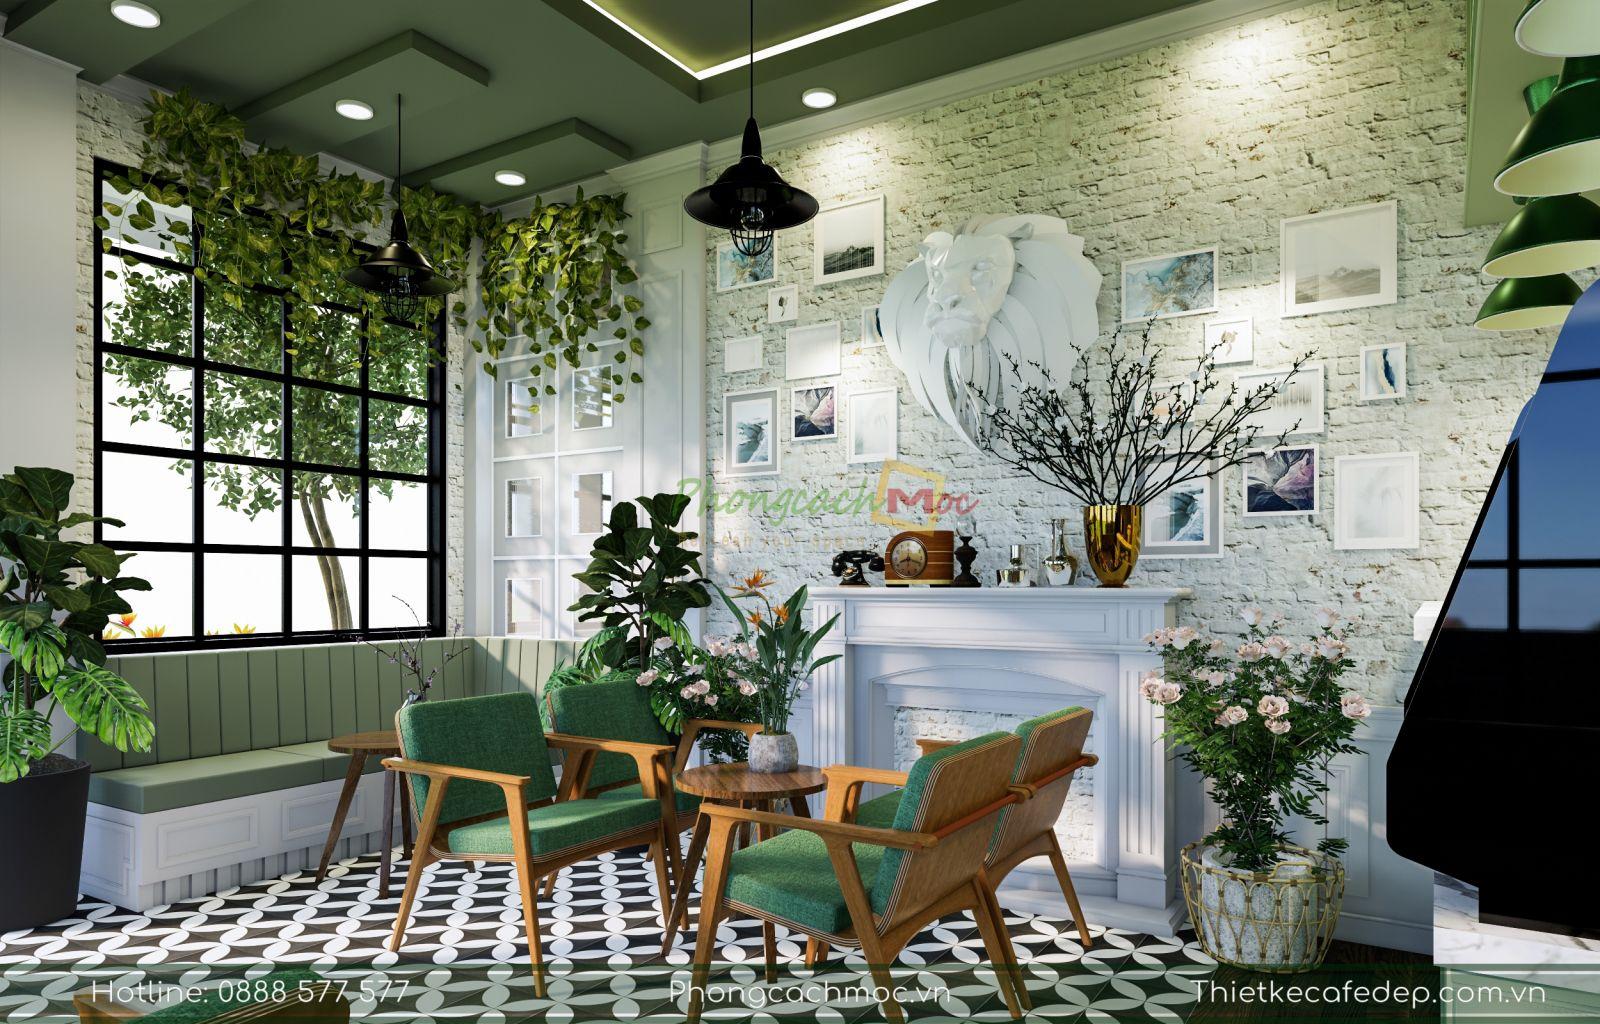 thiet-ke-quan-cafe-tropical-5717-coffee-8